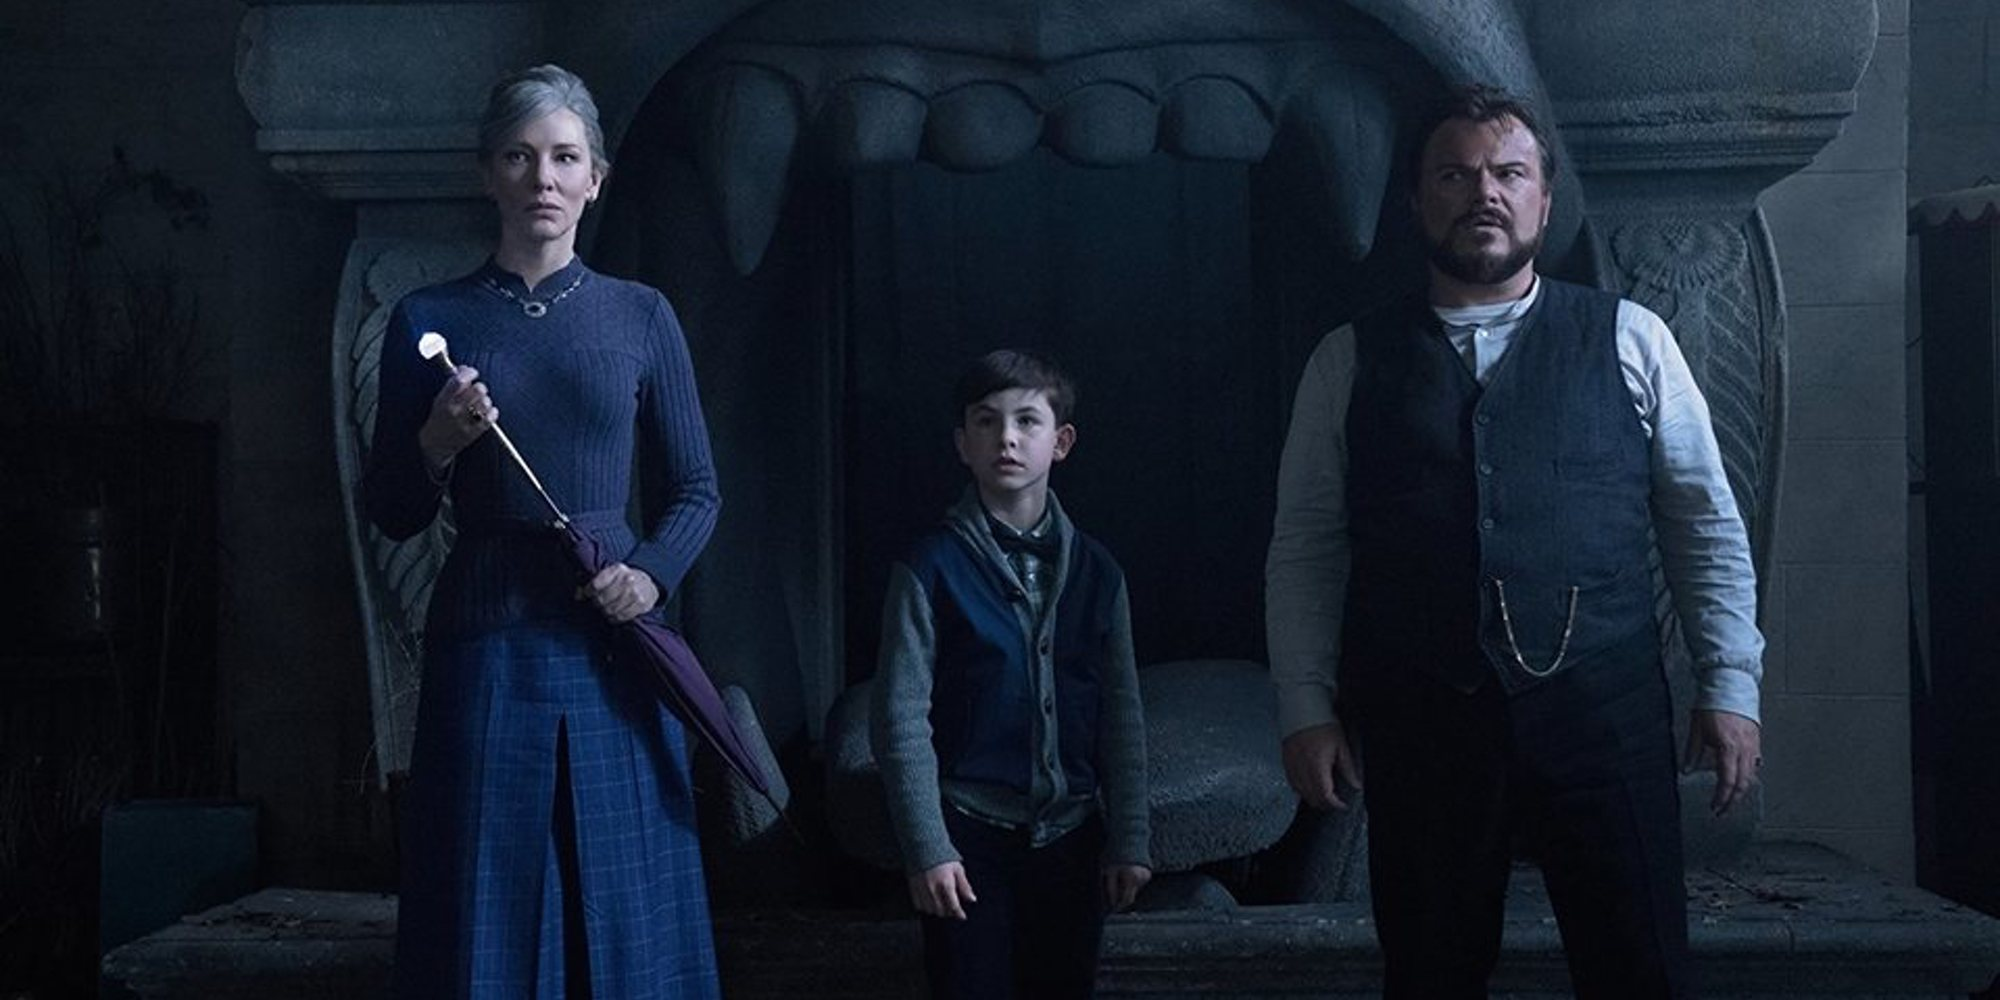 Cip exclusivo de 'La casa del reloj en la pared' con Jack Black y Cate Blanchett